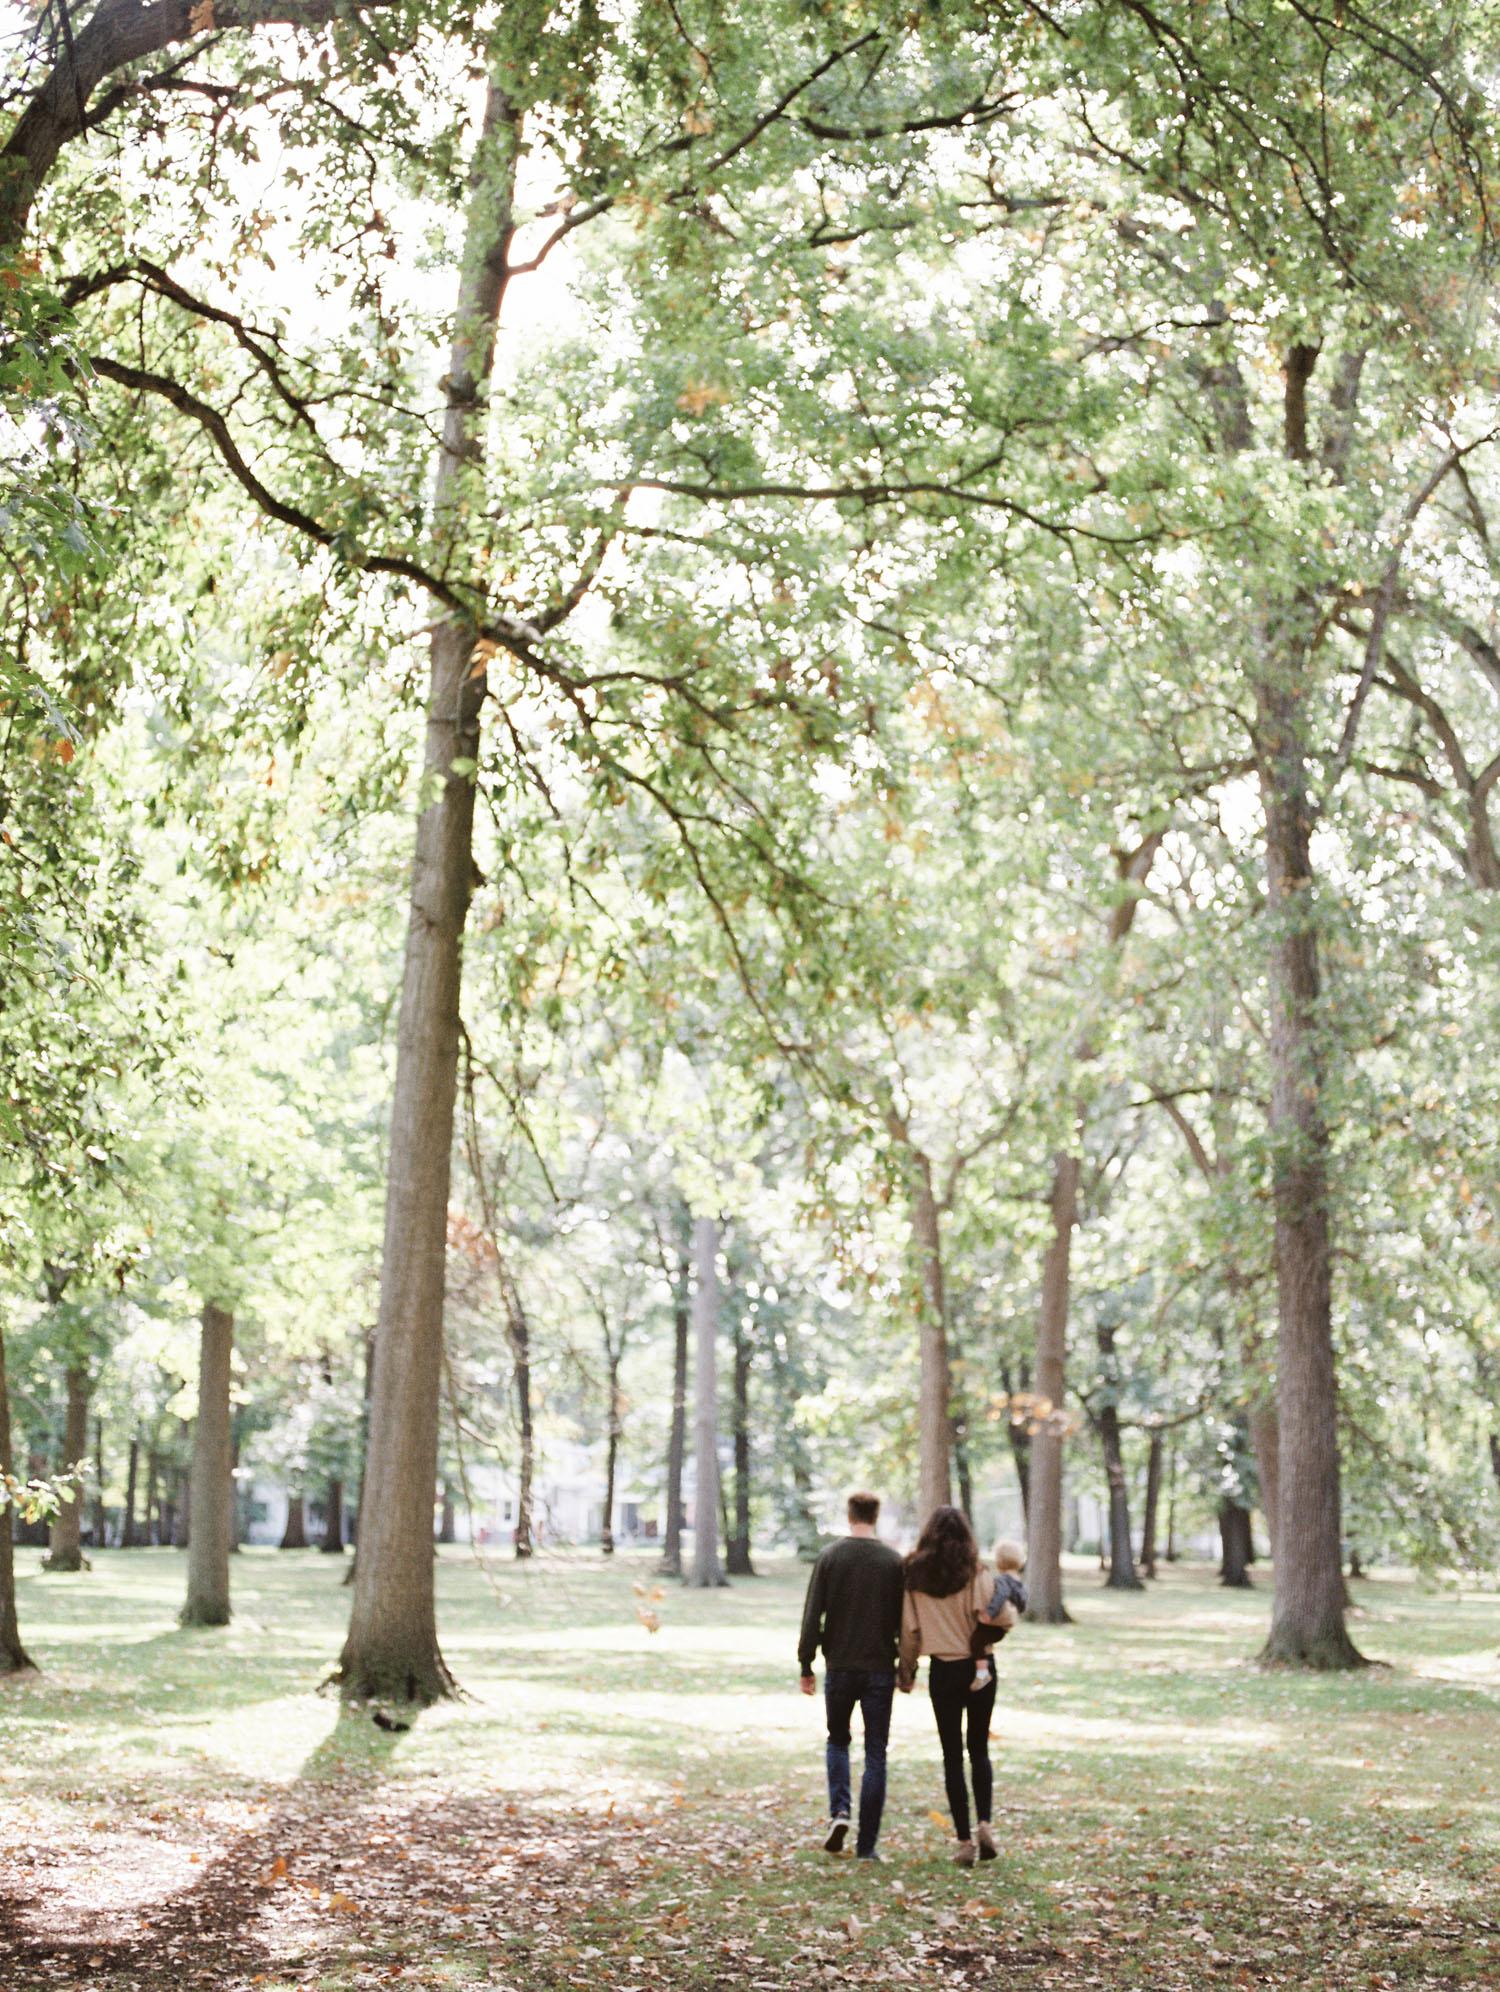 A family walks through a park near their home in Royal Oak, Michigan